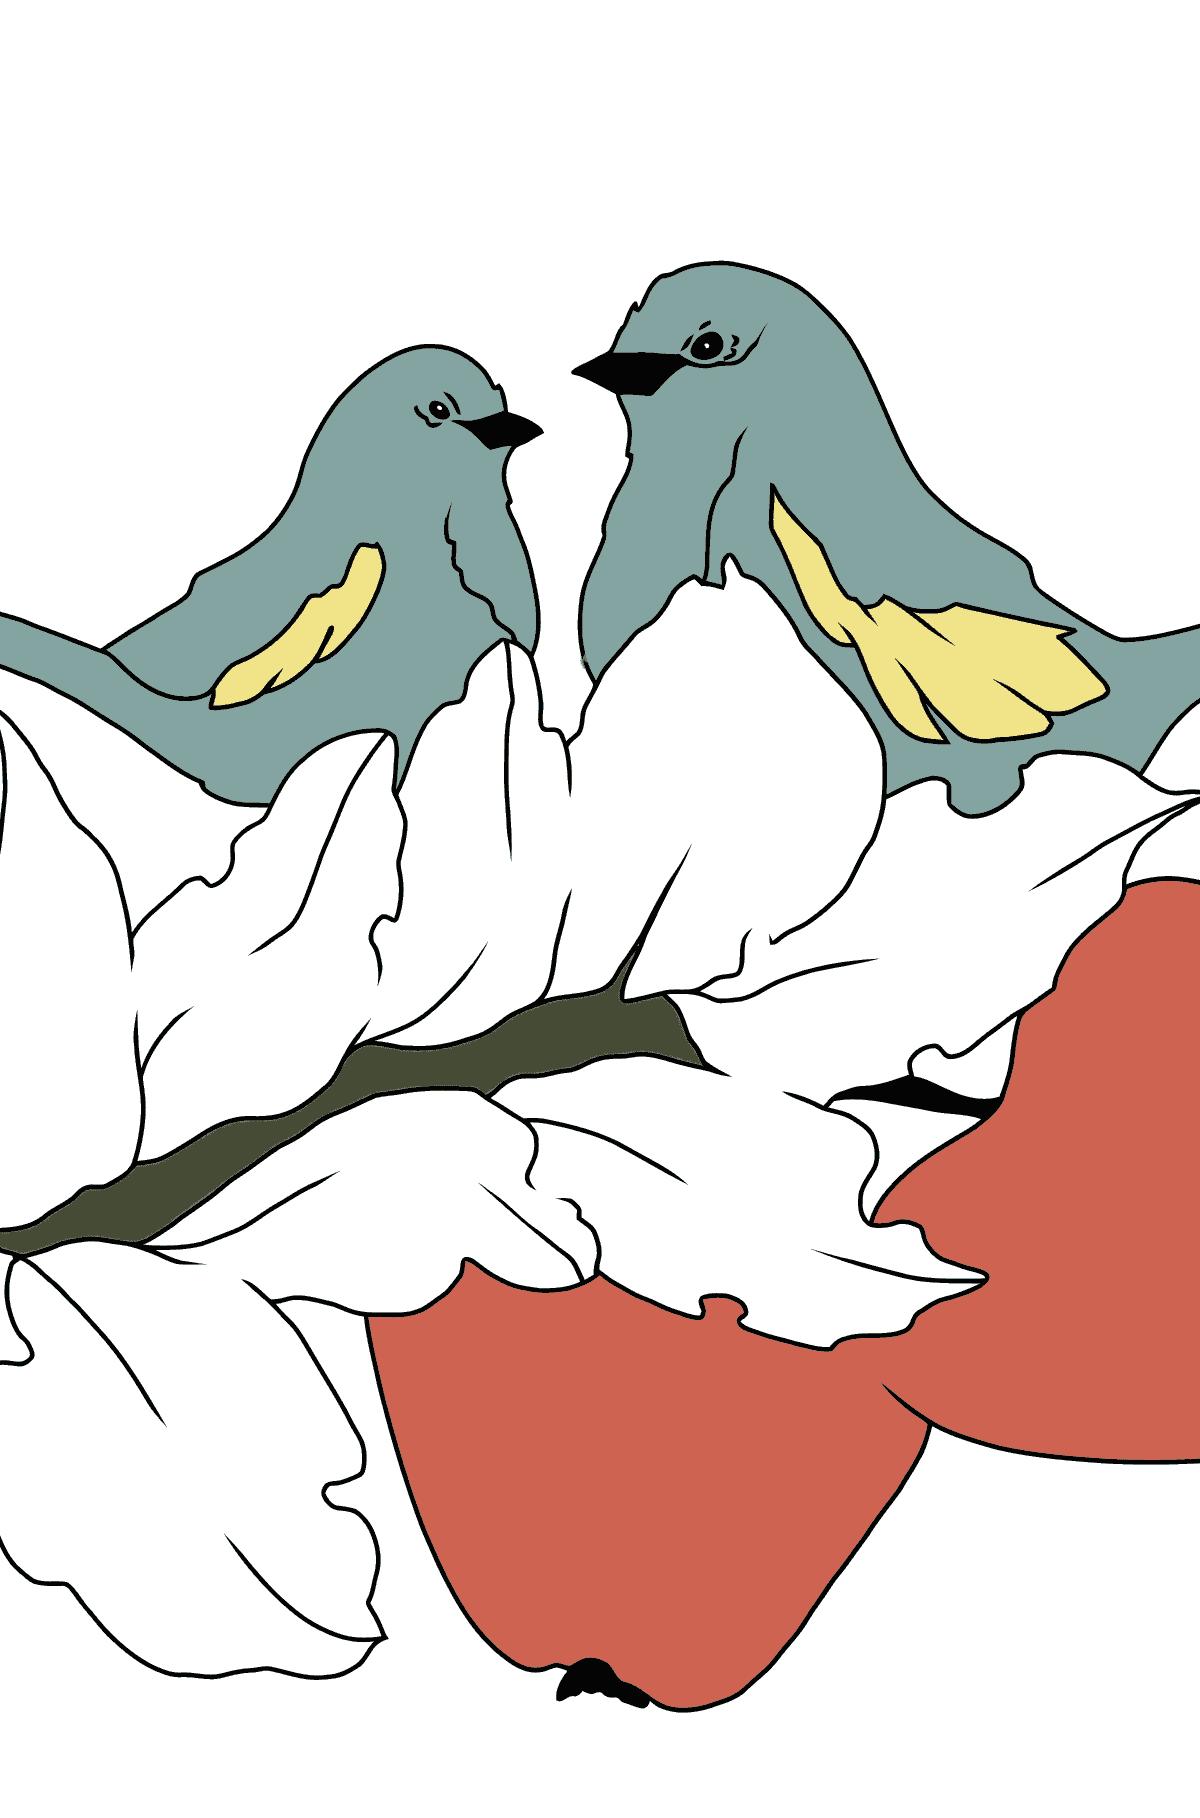 Coloriage Automne - Des oiseaux sur la branche d'un pommier - Coloriages pour les Enfants